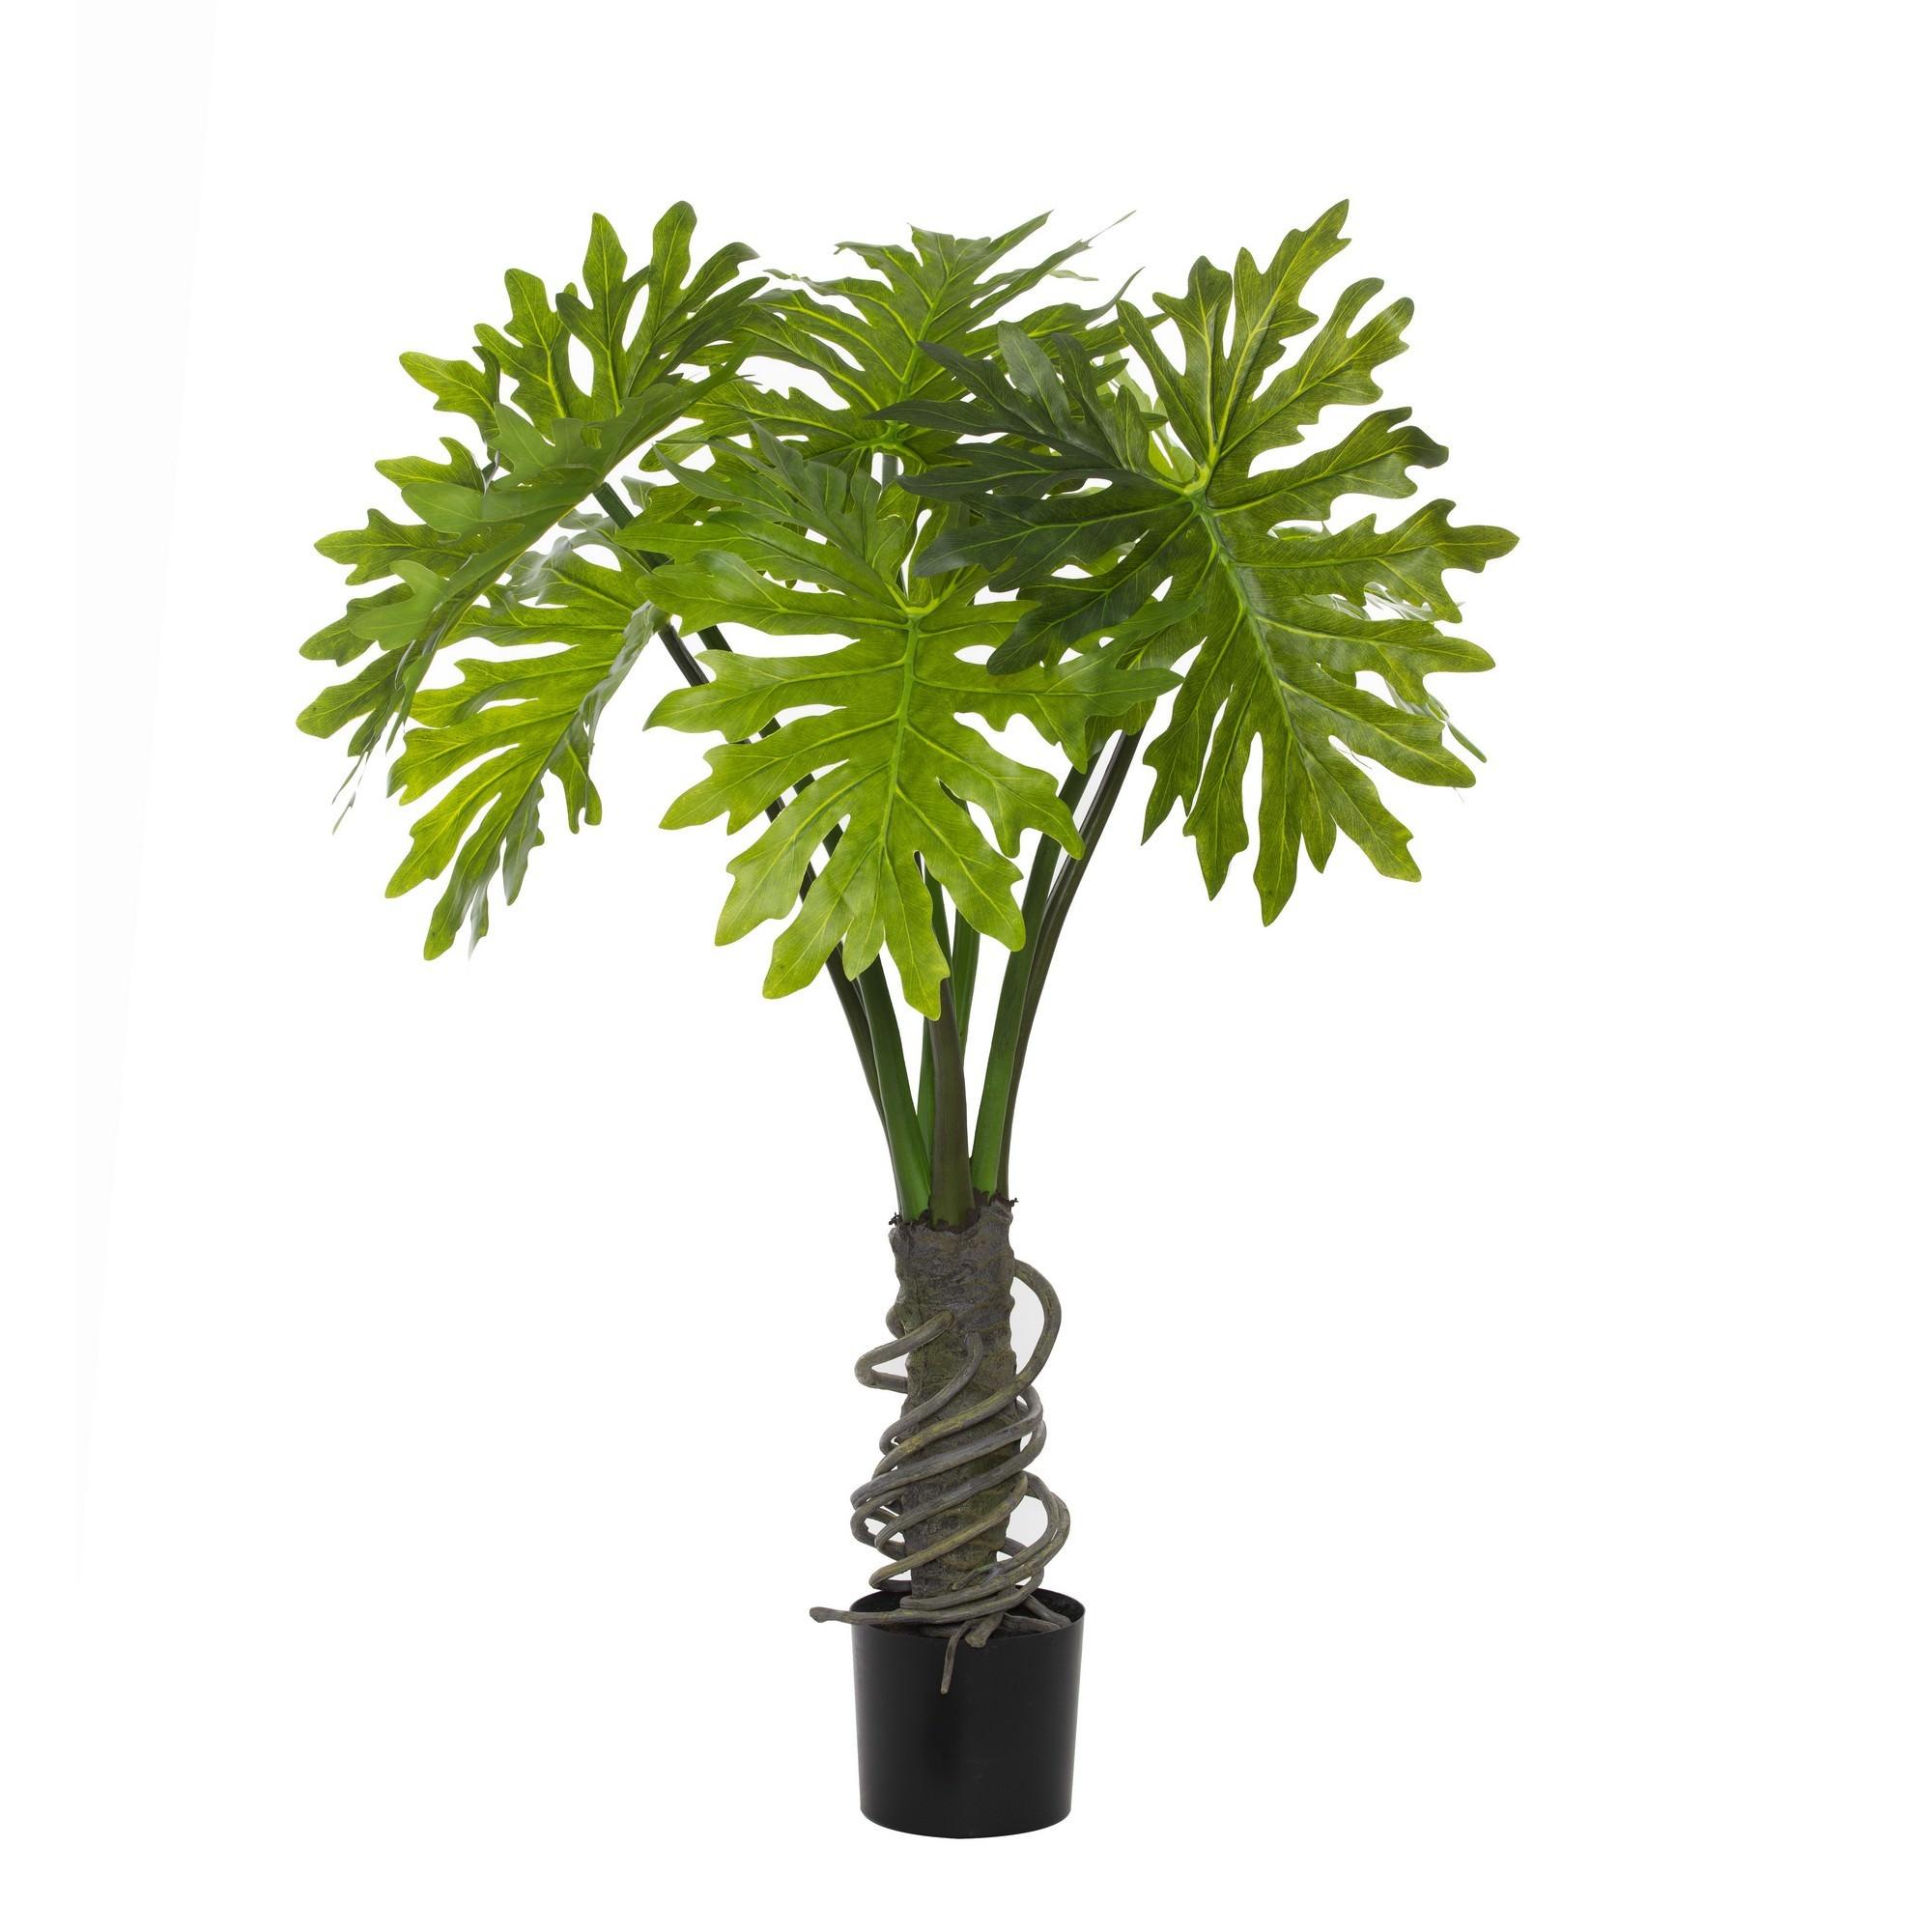 Potted Artificial Monstera Deliciosa Plant, 120cm